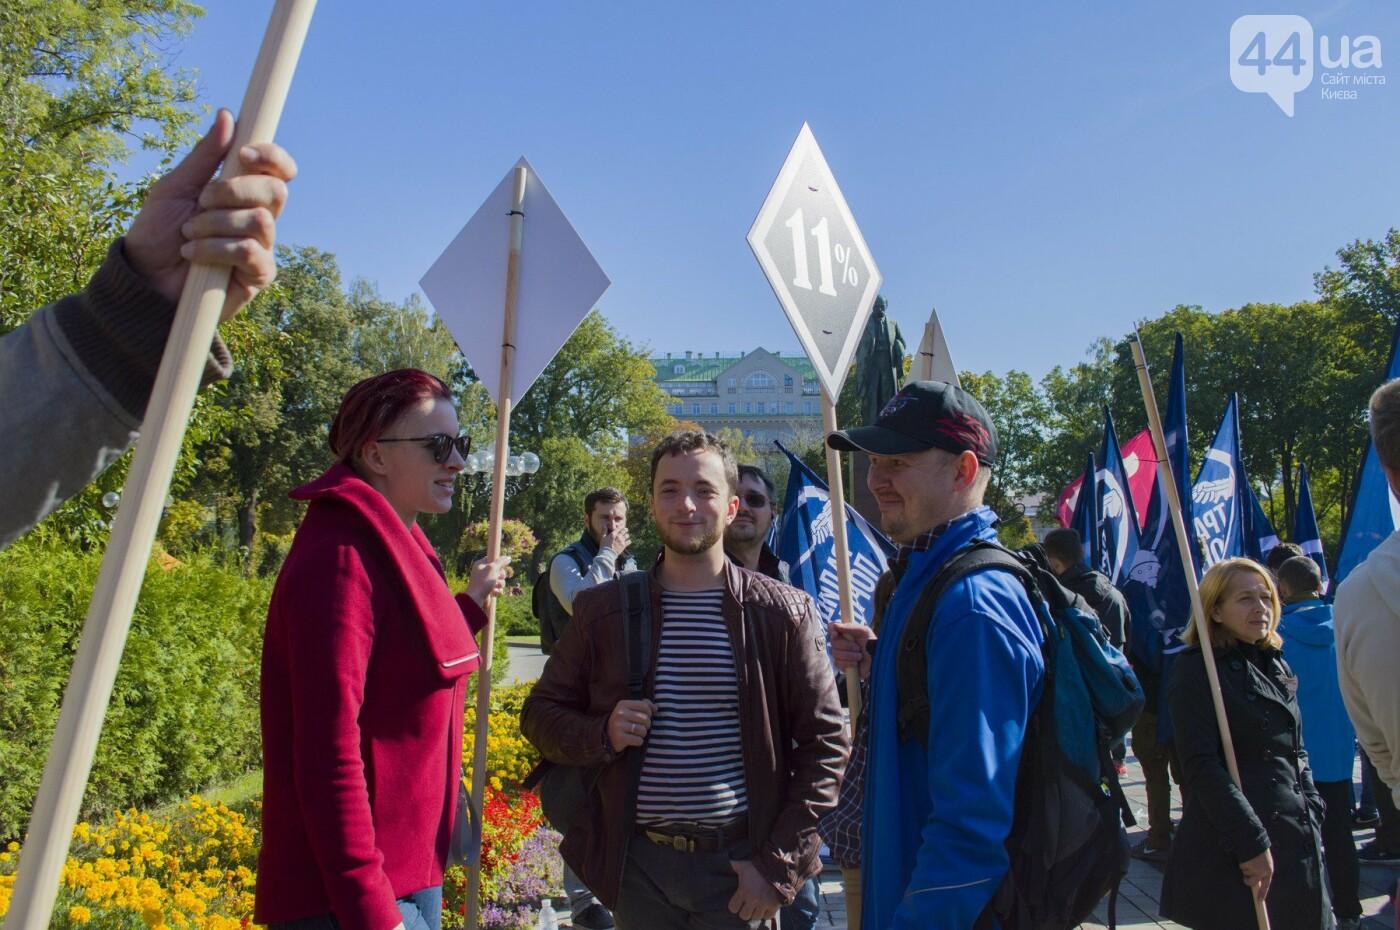 С волынкой, барабанами и черепом: как в Киеве люди митинговали за право на самооборону, фото-1